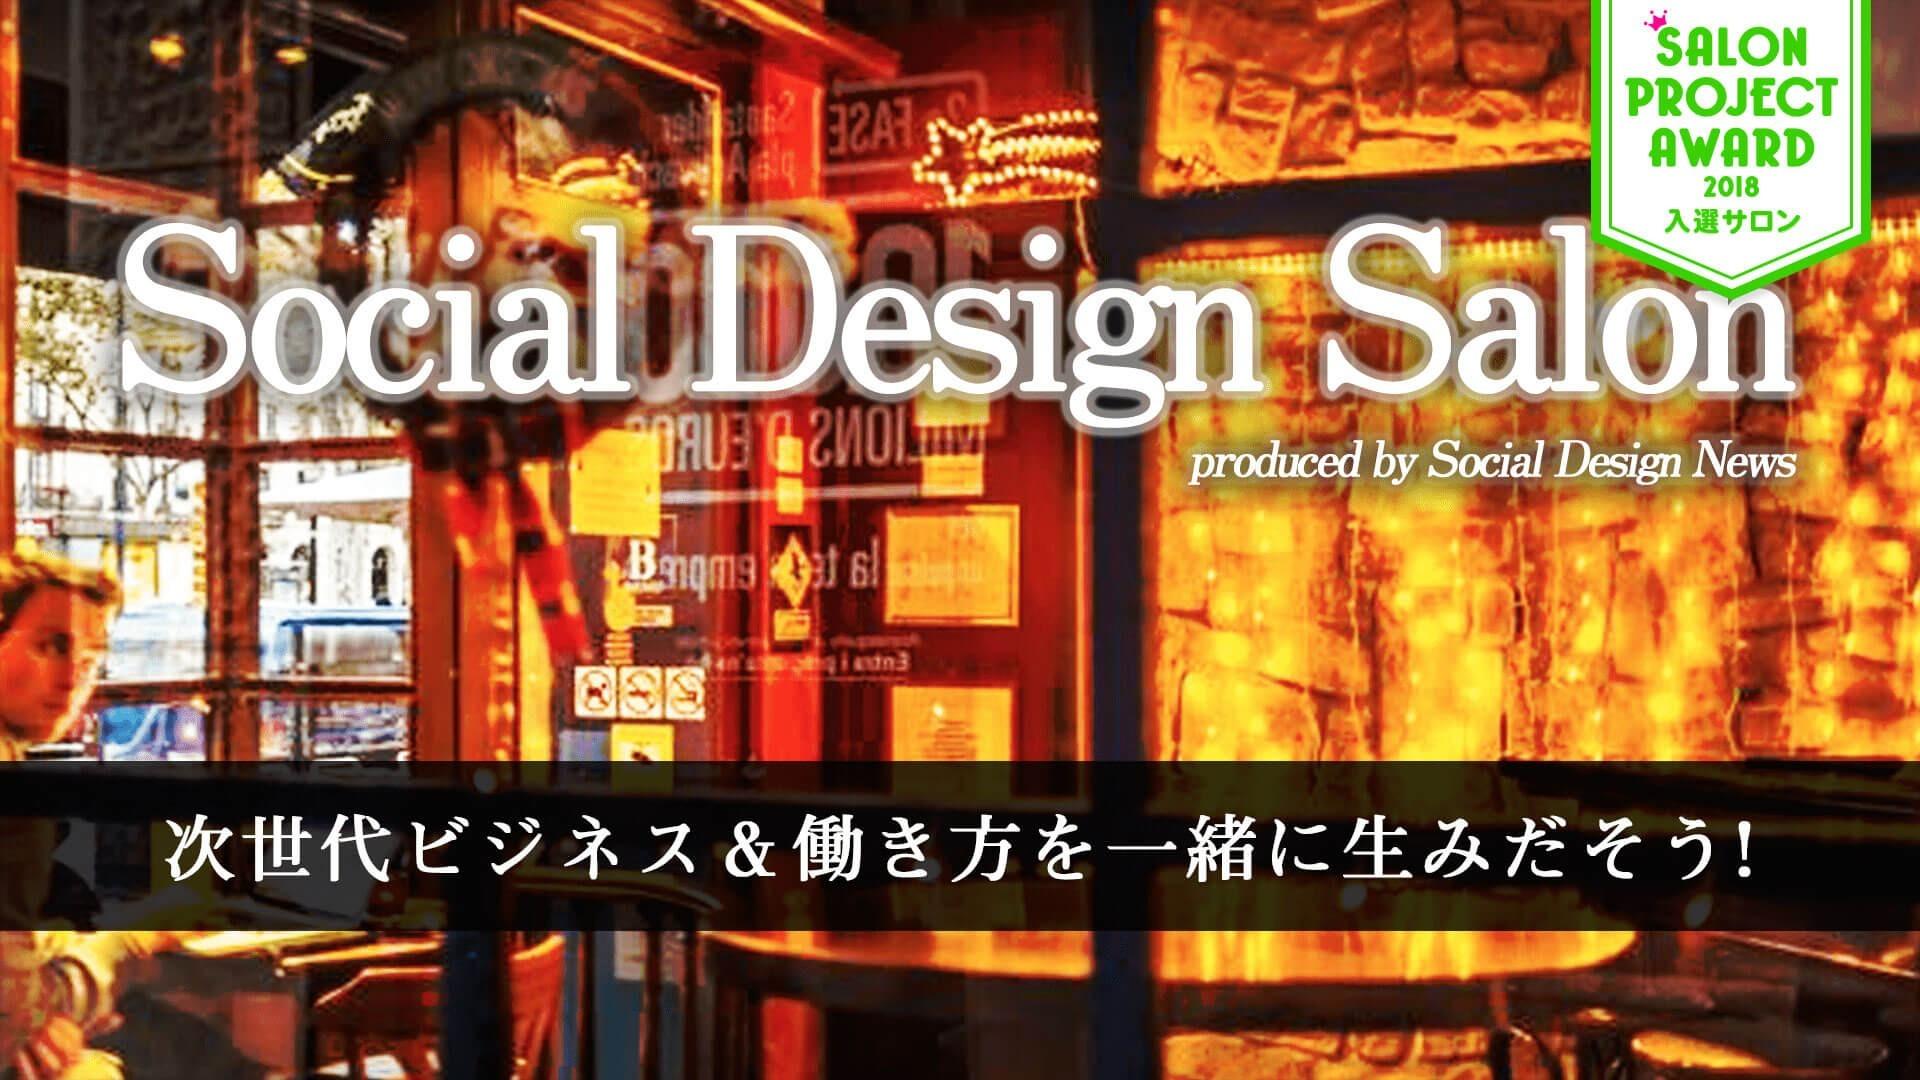 Social Design Salon